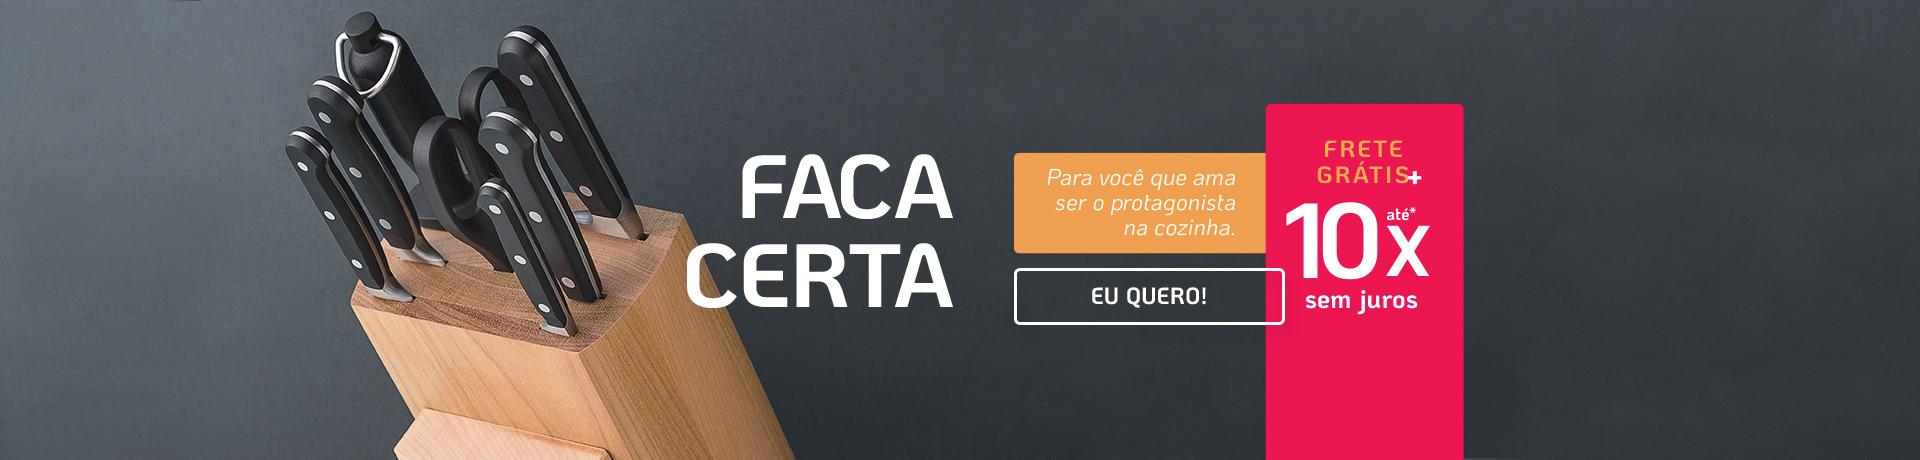 03-Faca